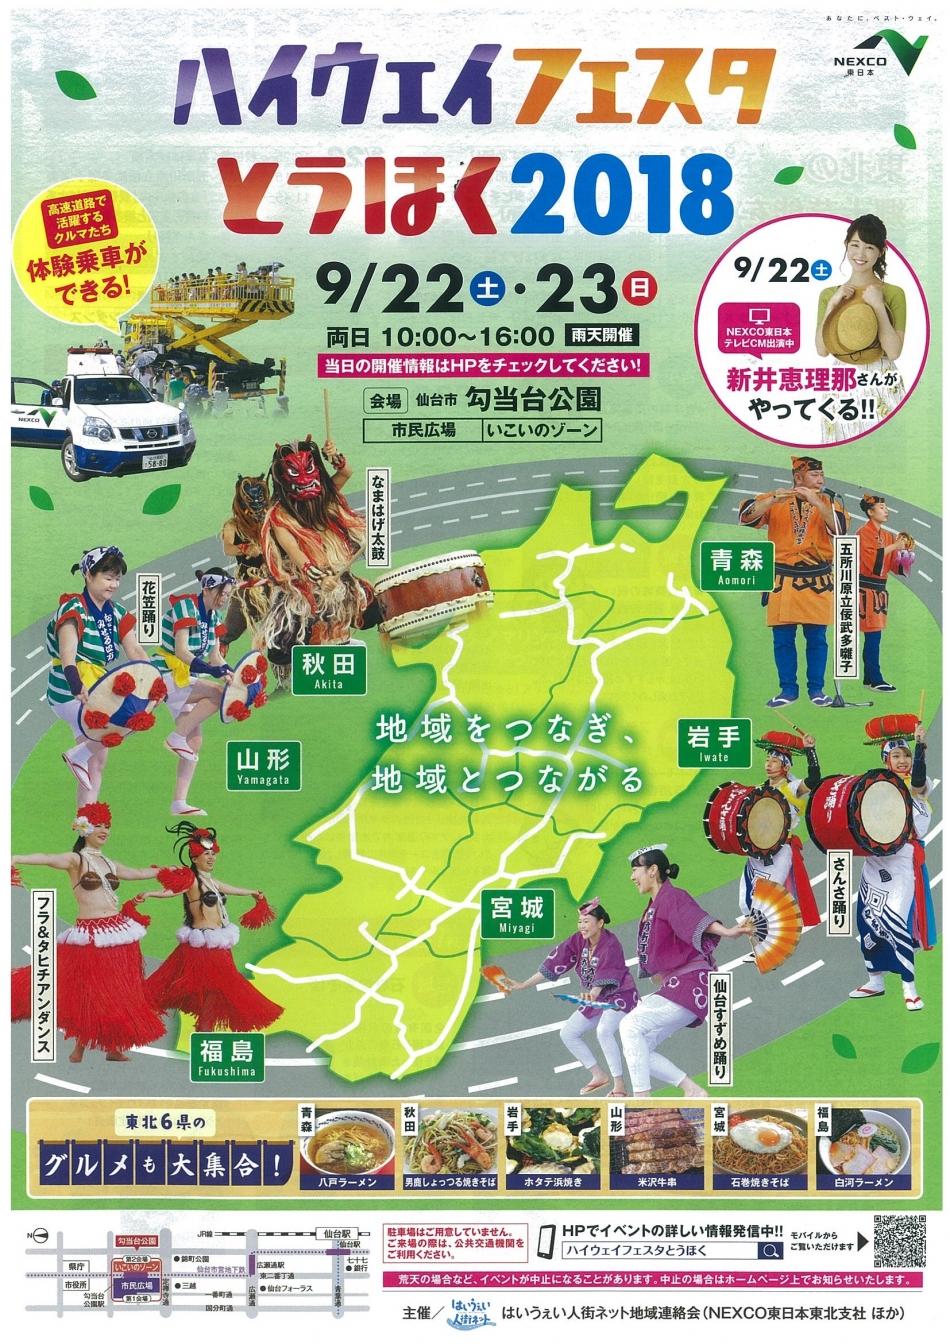 「ハイウェイフェスタとうほく2018」が開催されます!【9月22日(土)、23日(日)】